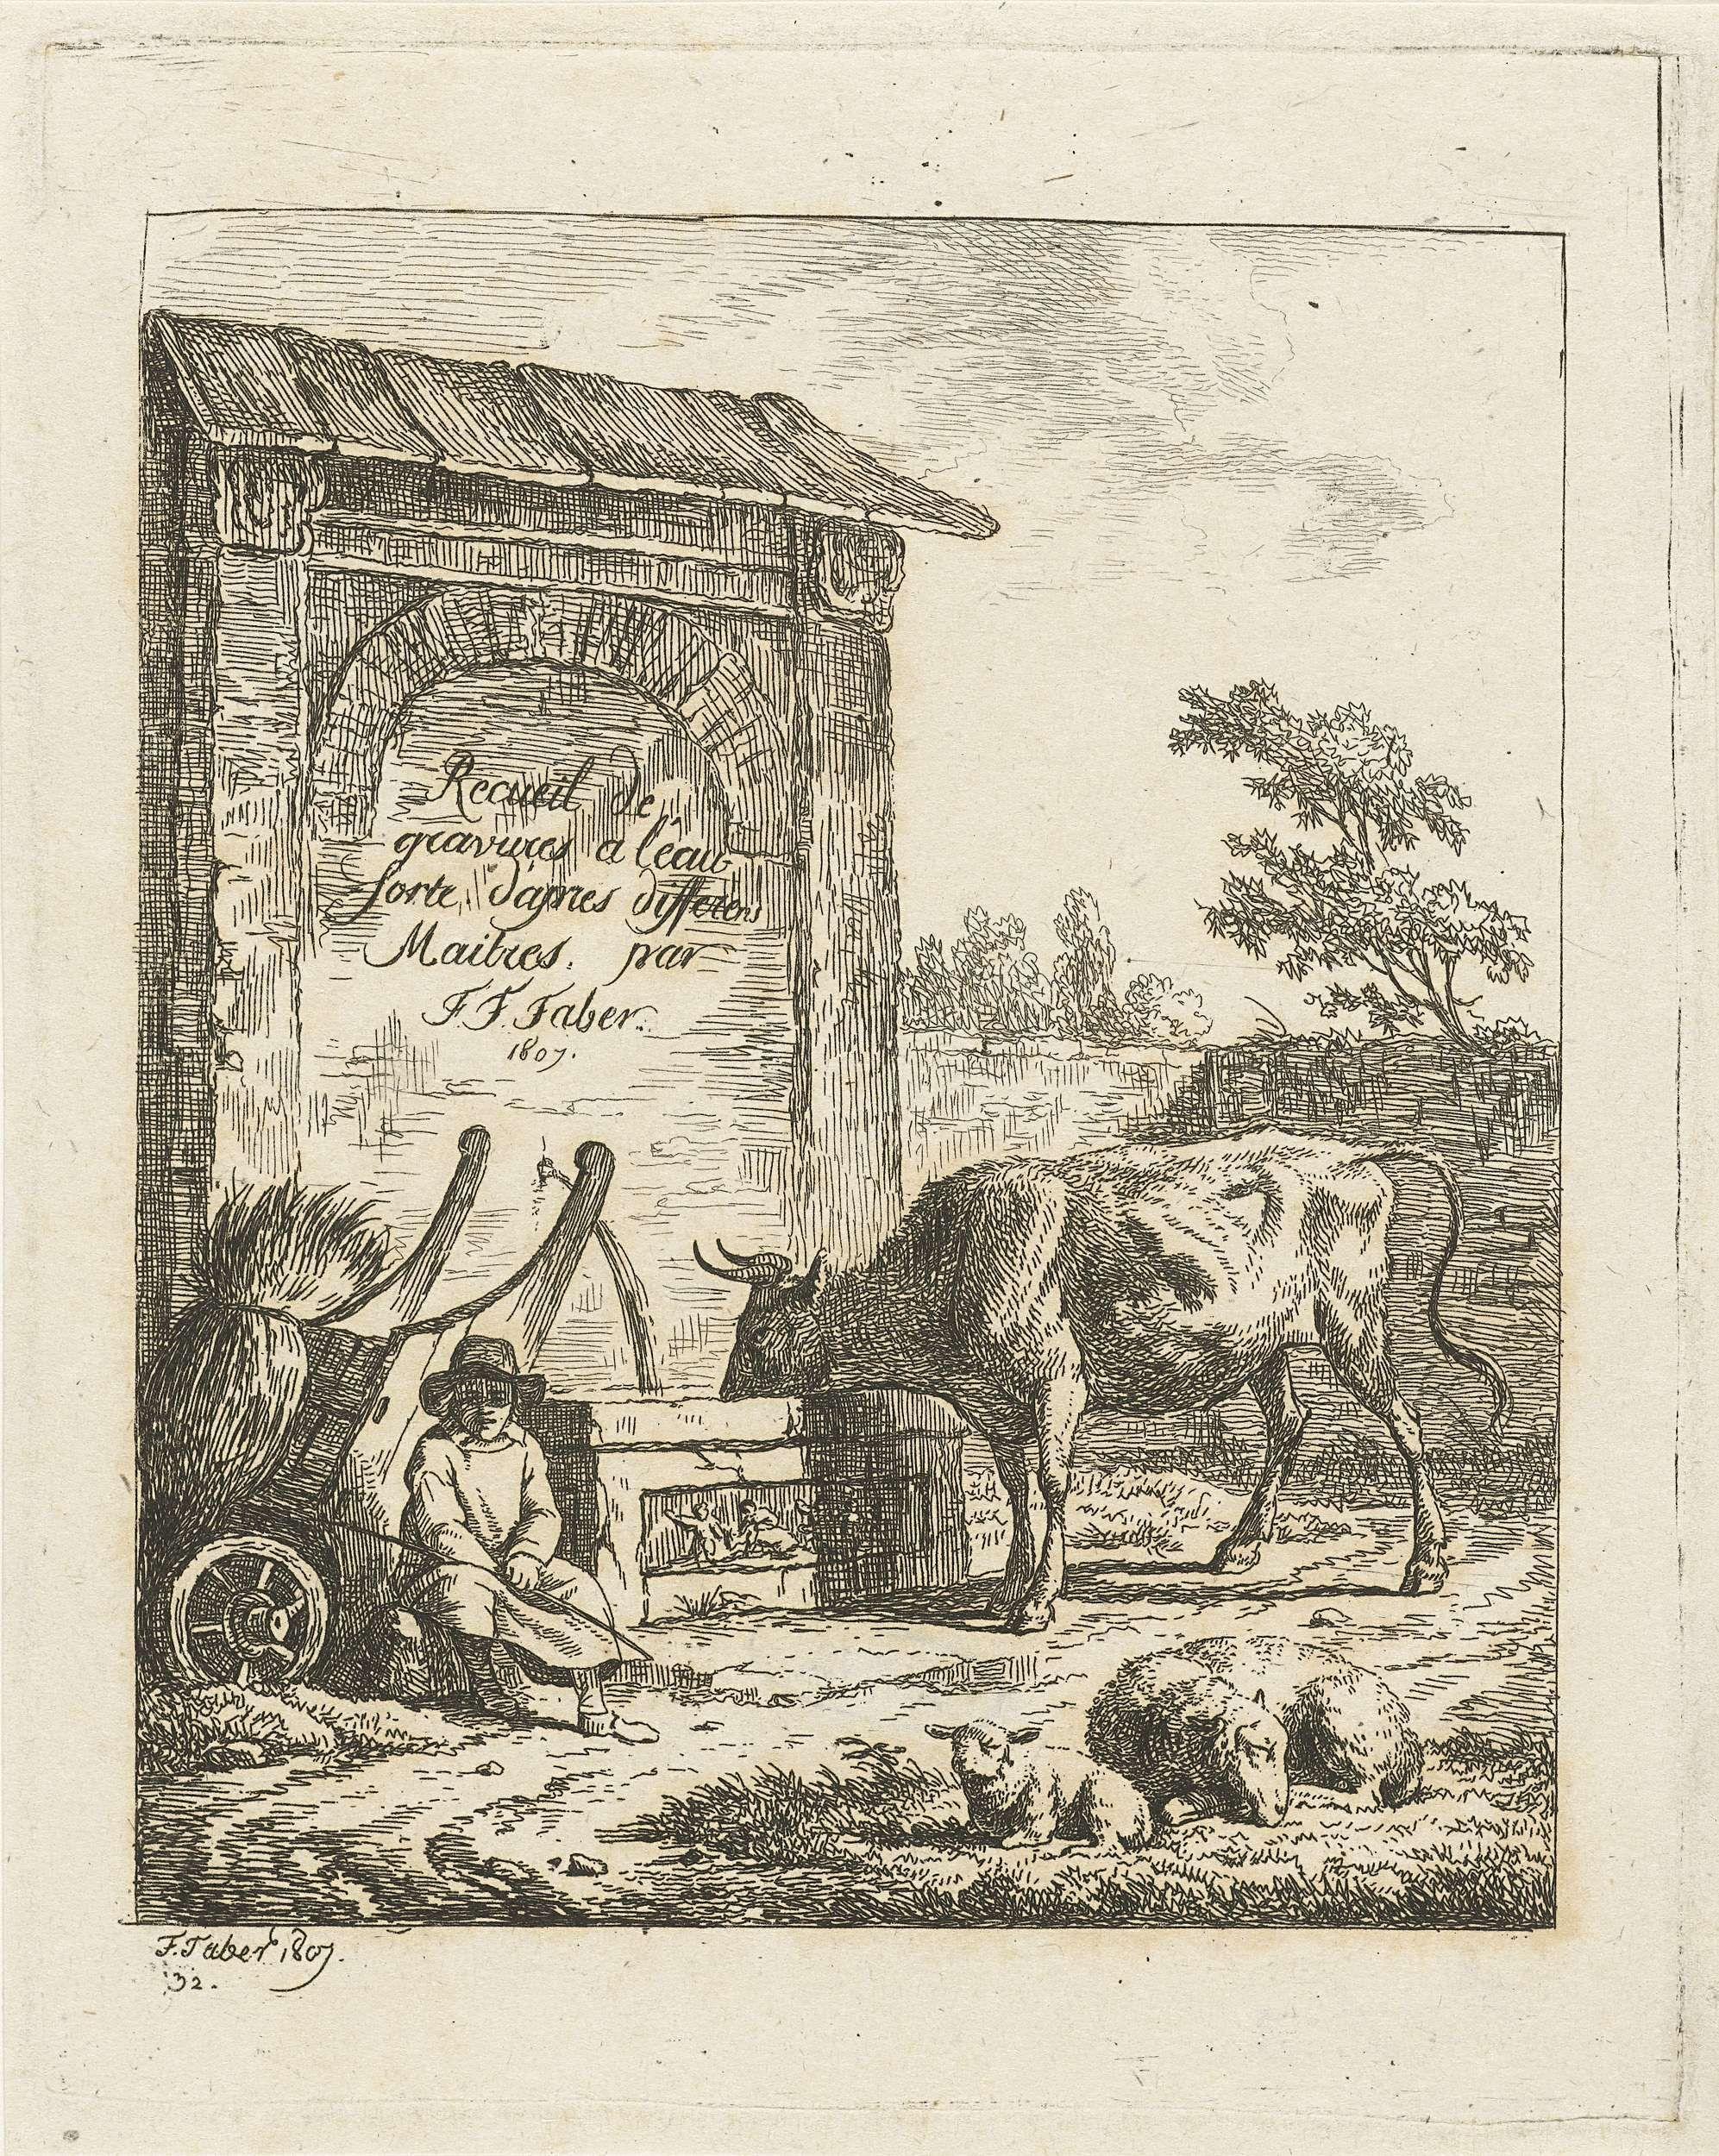 Frédéric Théodore Faber | Rund drinkend bij fontein, Frédéric Théodore Faber, 1807 | Naast een fontein met een afdakje zit een jongen bij een kar met stro. Een rund drinkt uit de waterbak van de fontein. Op de voorgrond een schaap en een lammetje.